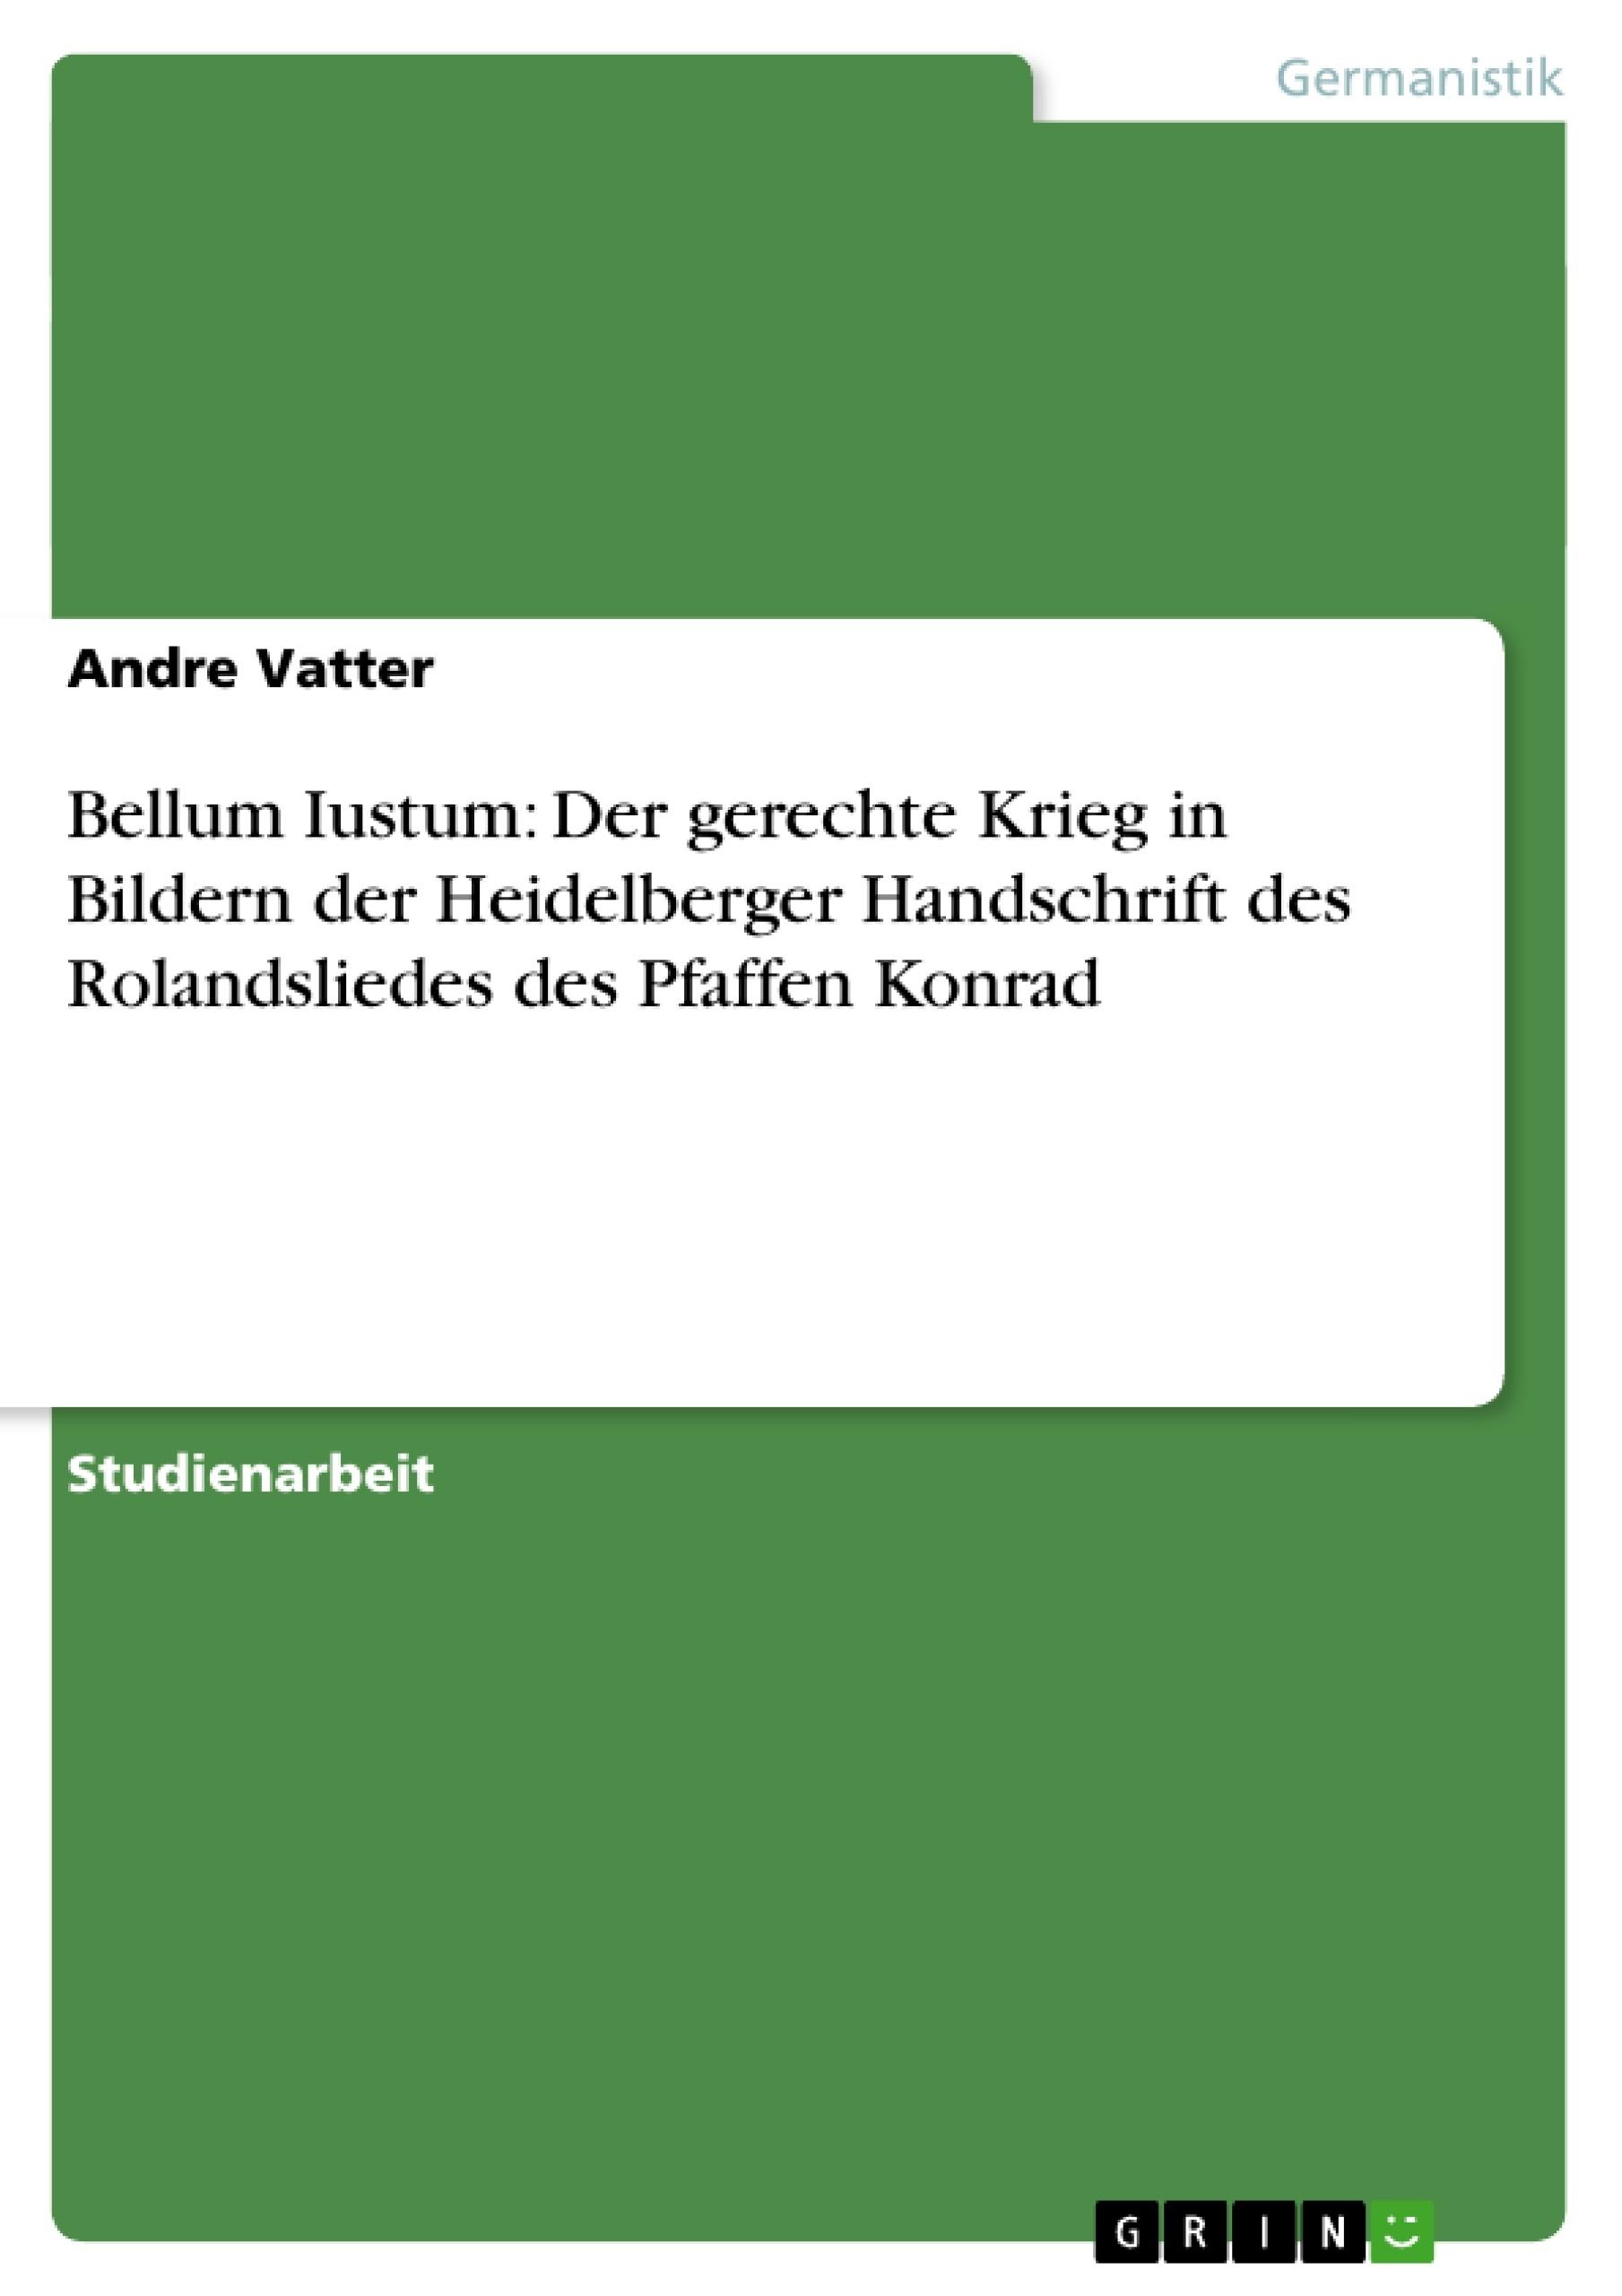 Titel: Bellum Iustum: Der gerechte Krieg in Bildern der Heidelberger Handschrift des Rolandsliedes des Pfaffen Konrad